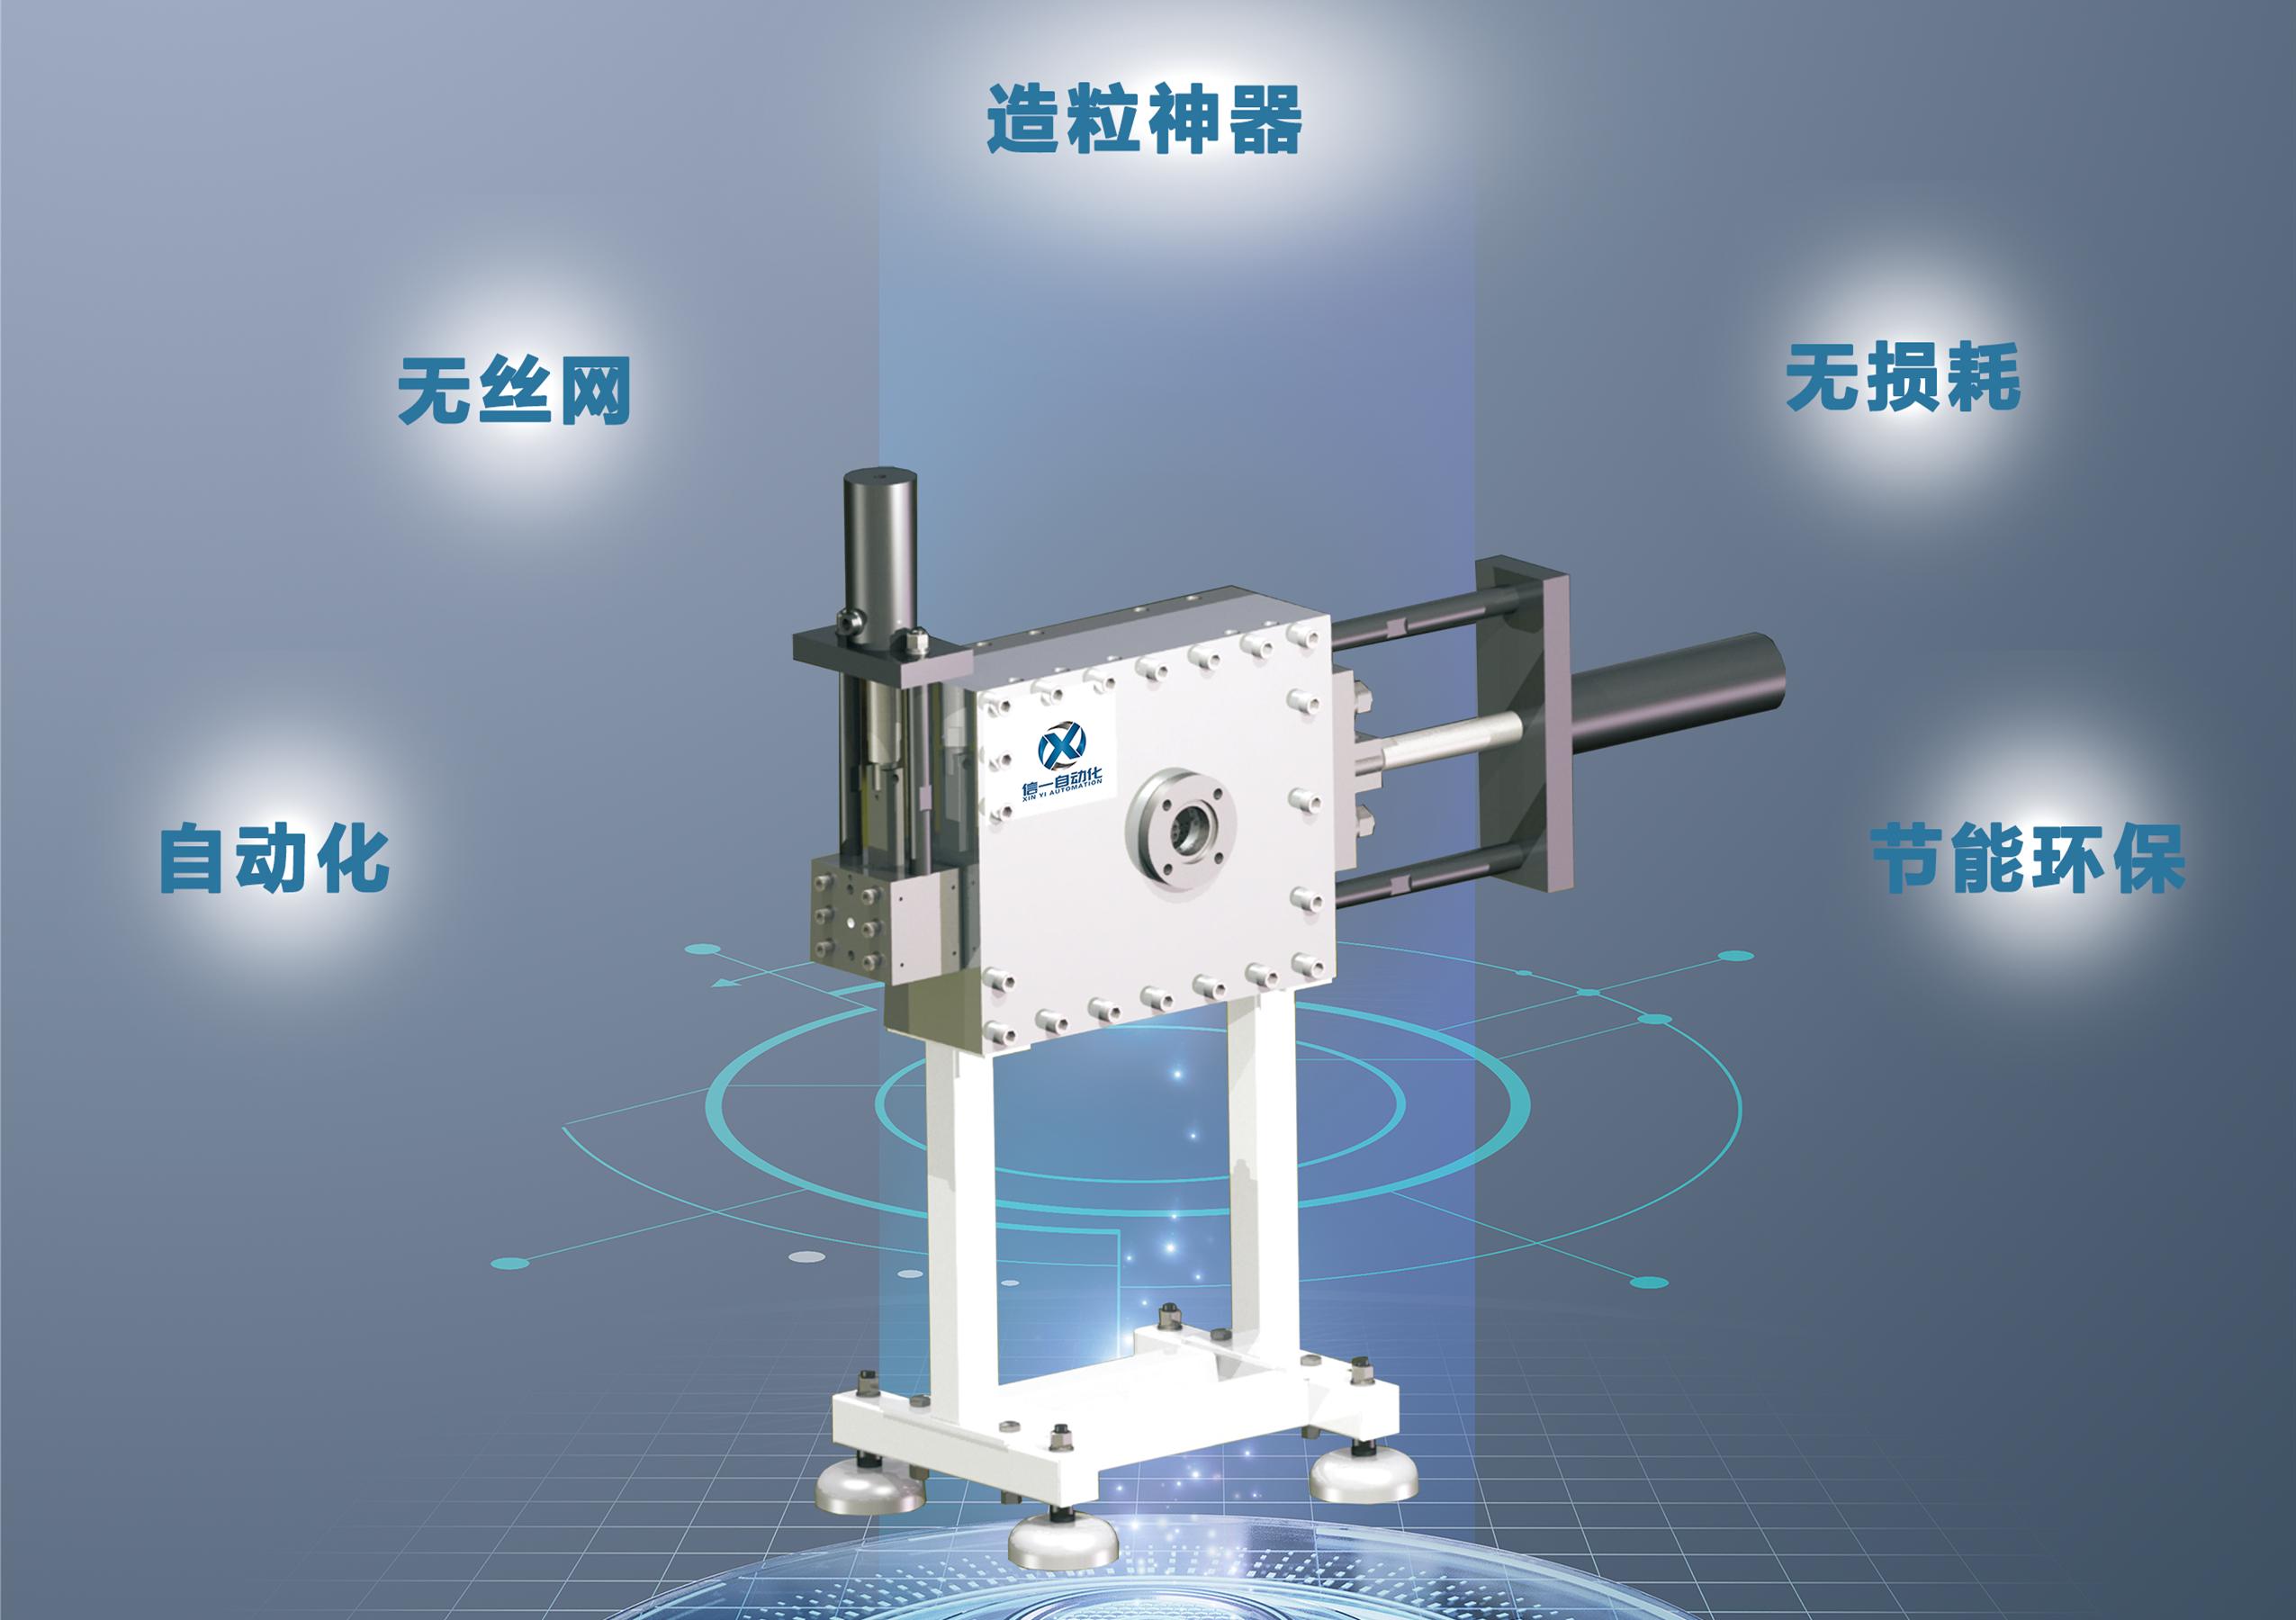 河南信一自动化设备有限公司 (7)